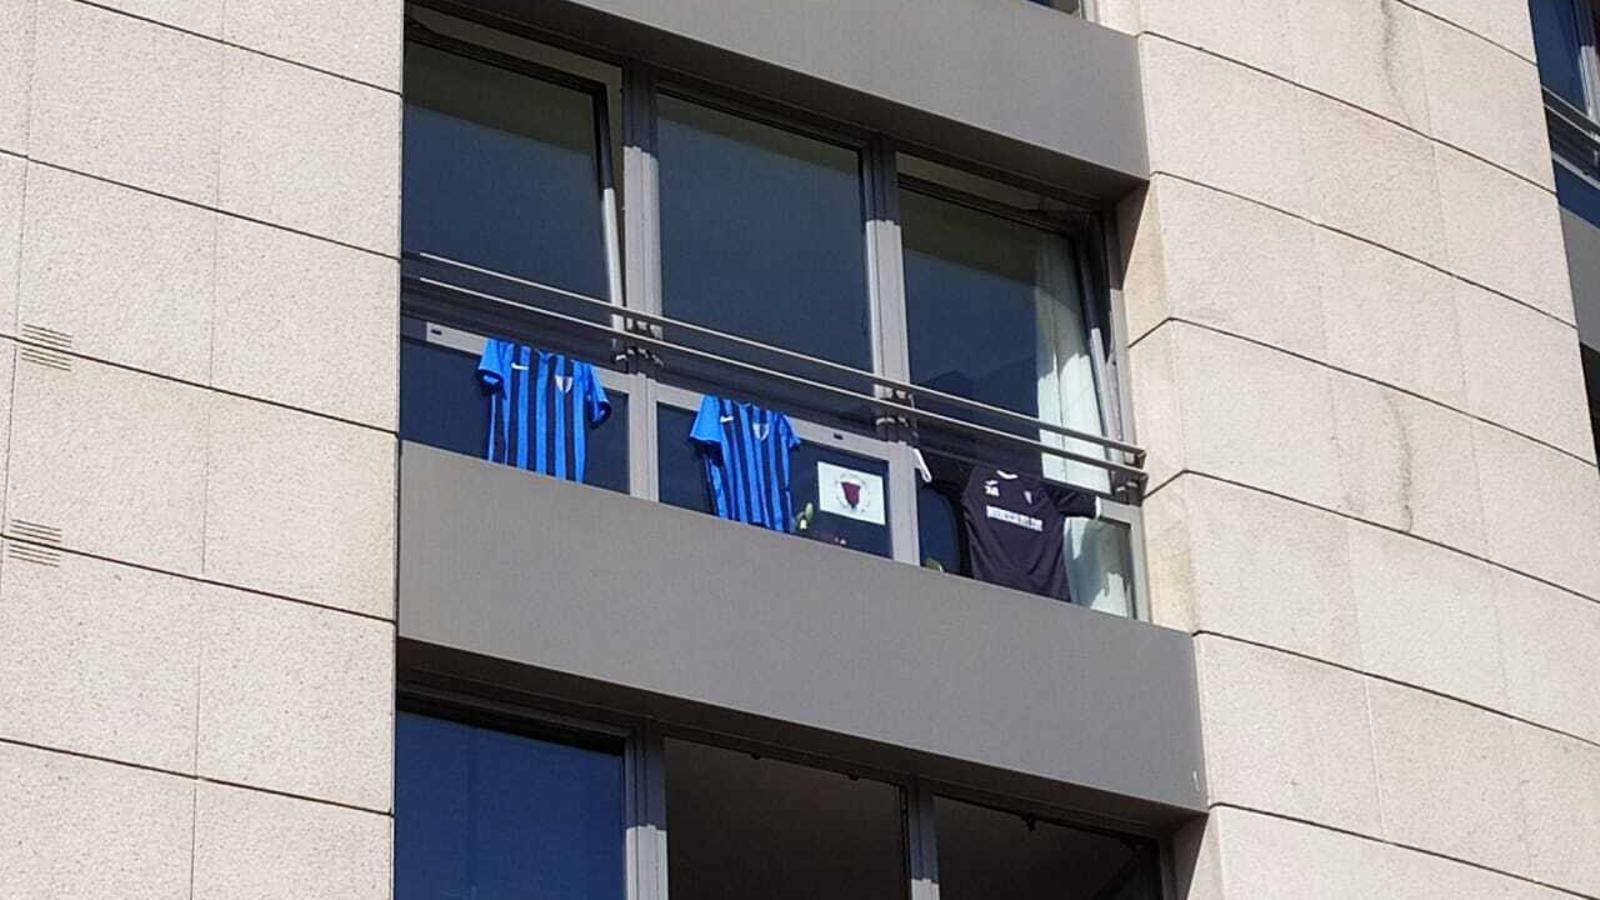 Samarretes penjades en una finestra. TWITTER INTER CLUB D'ESCALDES